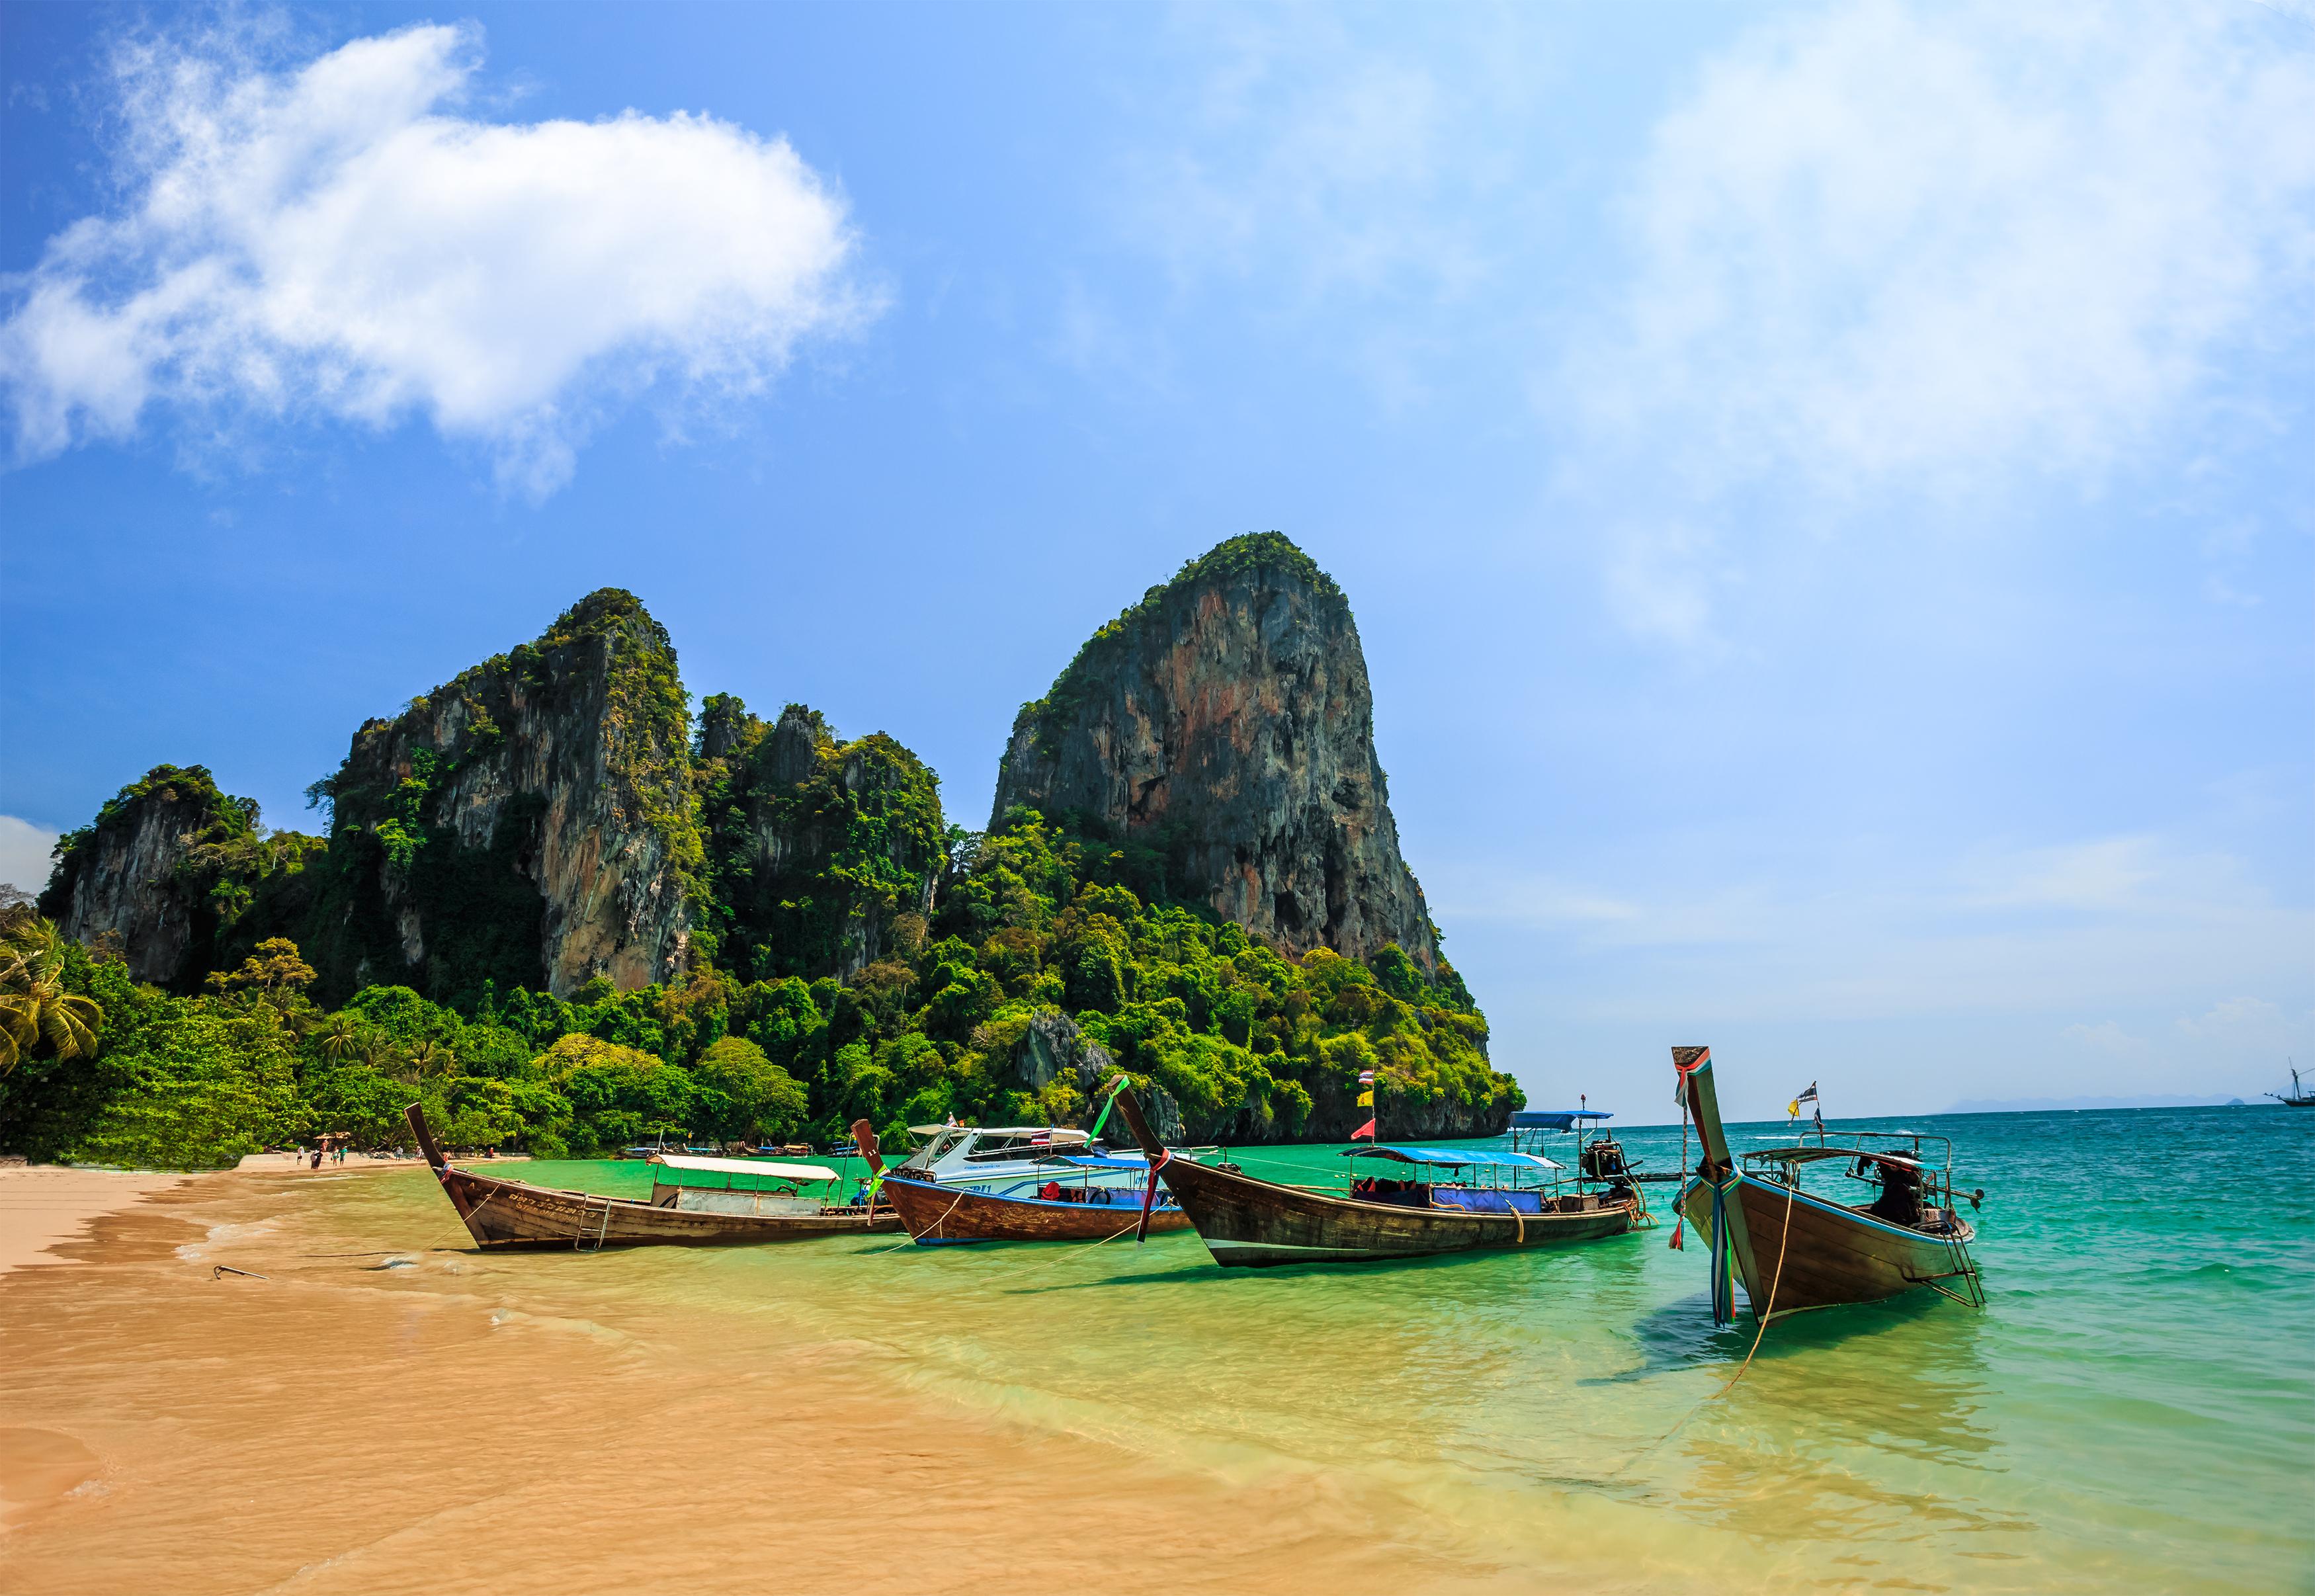 Los acantilados adornados con musgo y hierba se elevan de fondo mientras el mar choca contra la orilla, todo mientras los barcos de pesca flotan en el mar. Estar en la playa de Ao Nang es una experiencia tailandesa única